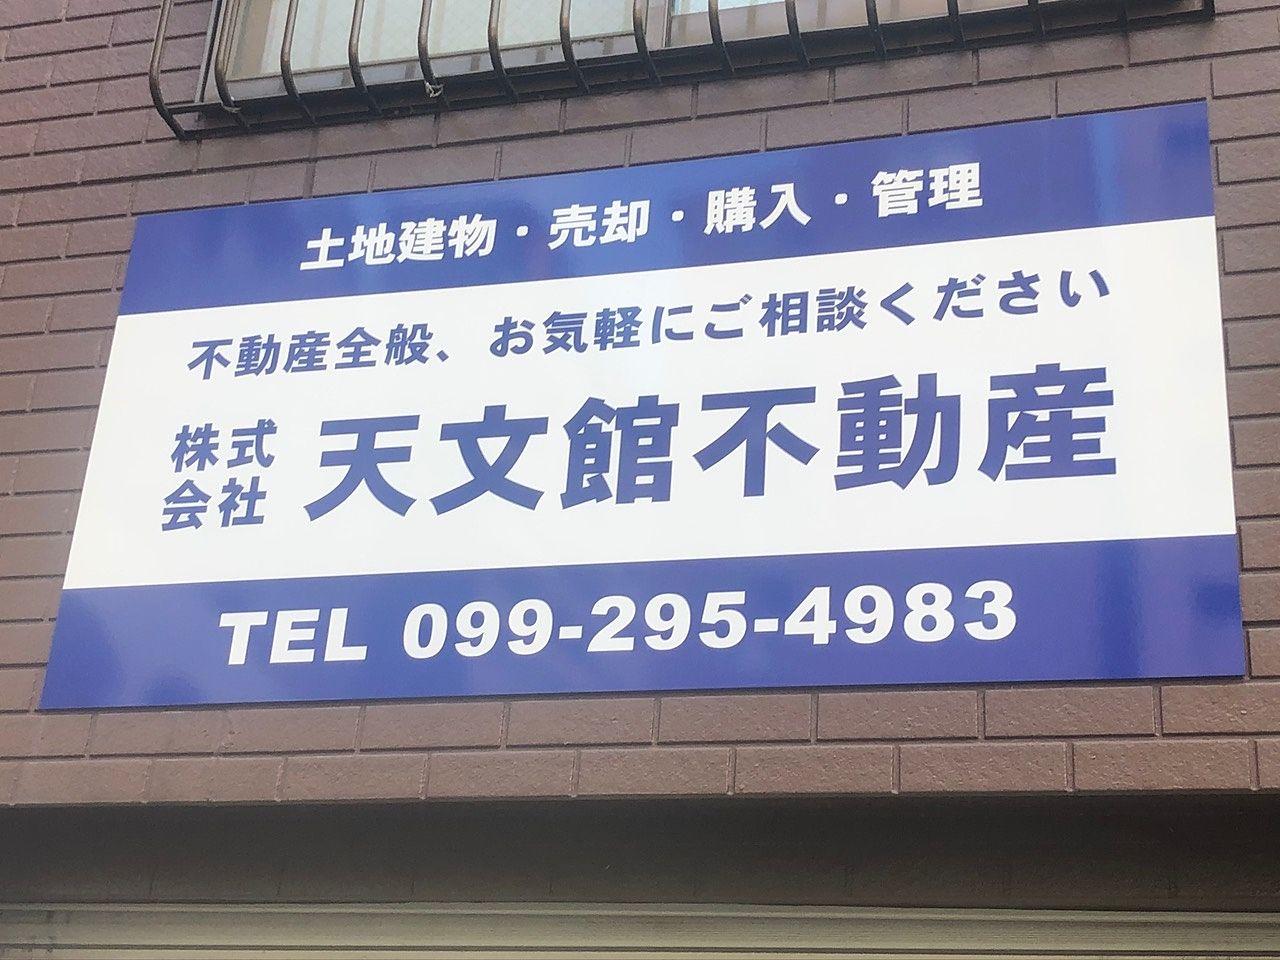 鹿児島市西伊敷の売却査定は天文館不動産にご相談ください。